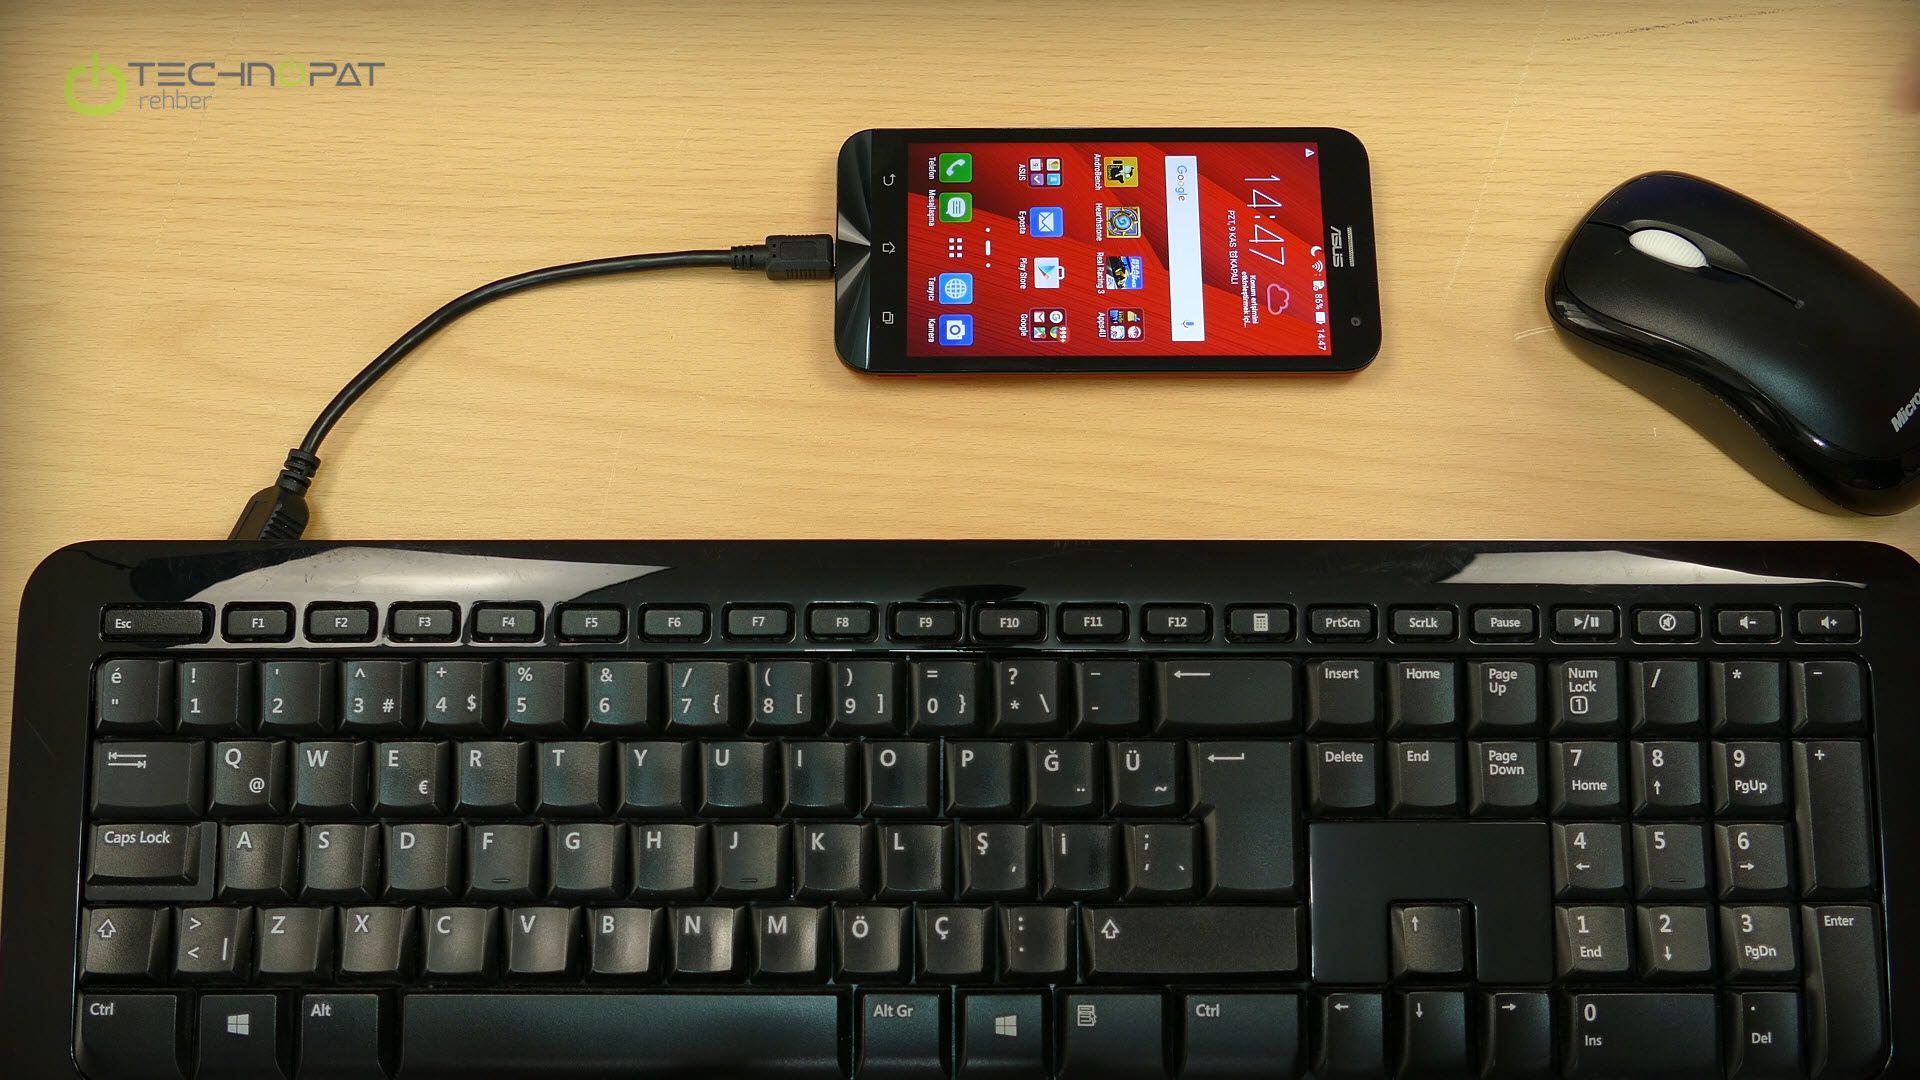 Telefona ve tablete klavye, fare ikilisini bağlayabilirsiniz